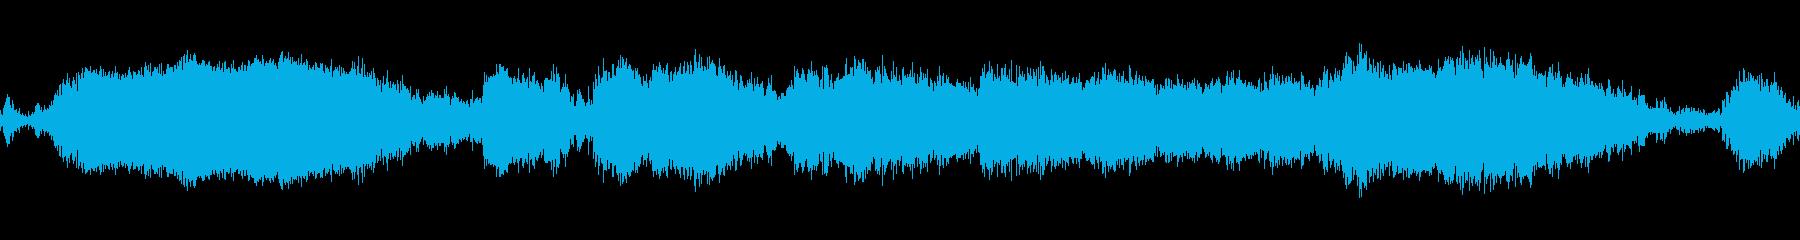 カーピールアウトとクラッシュ、ミデ...の再生済みの波形